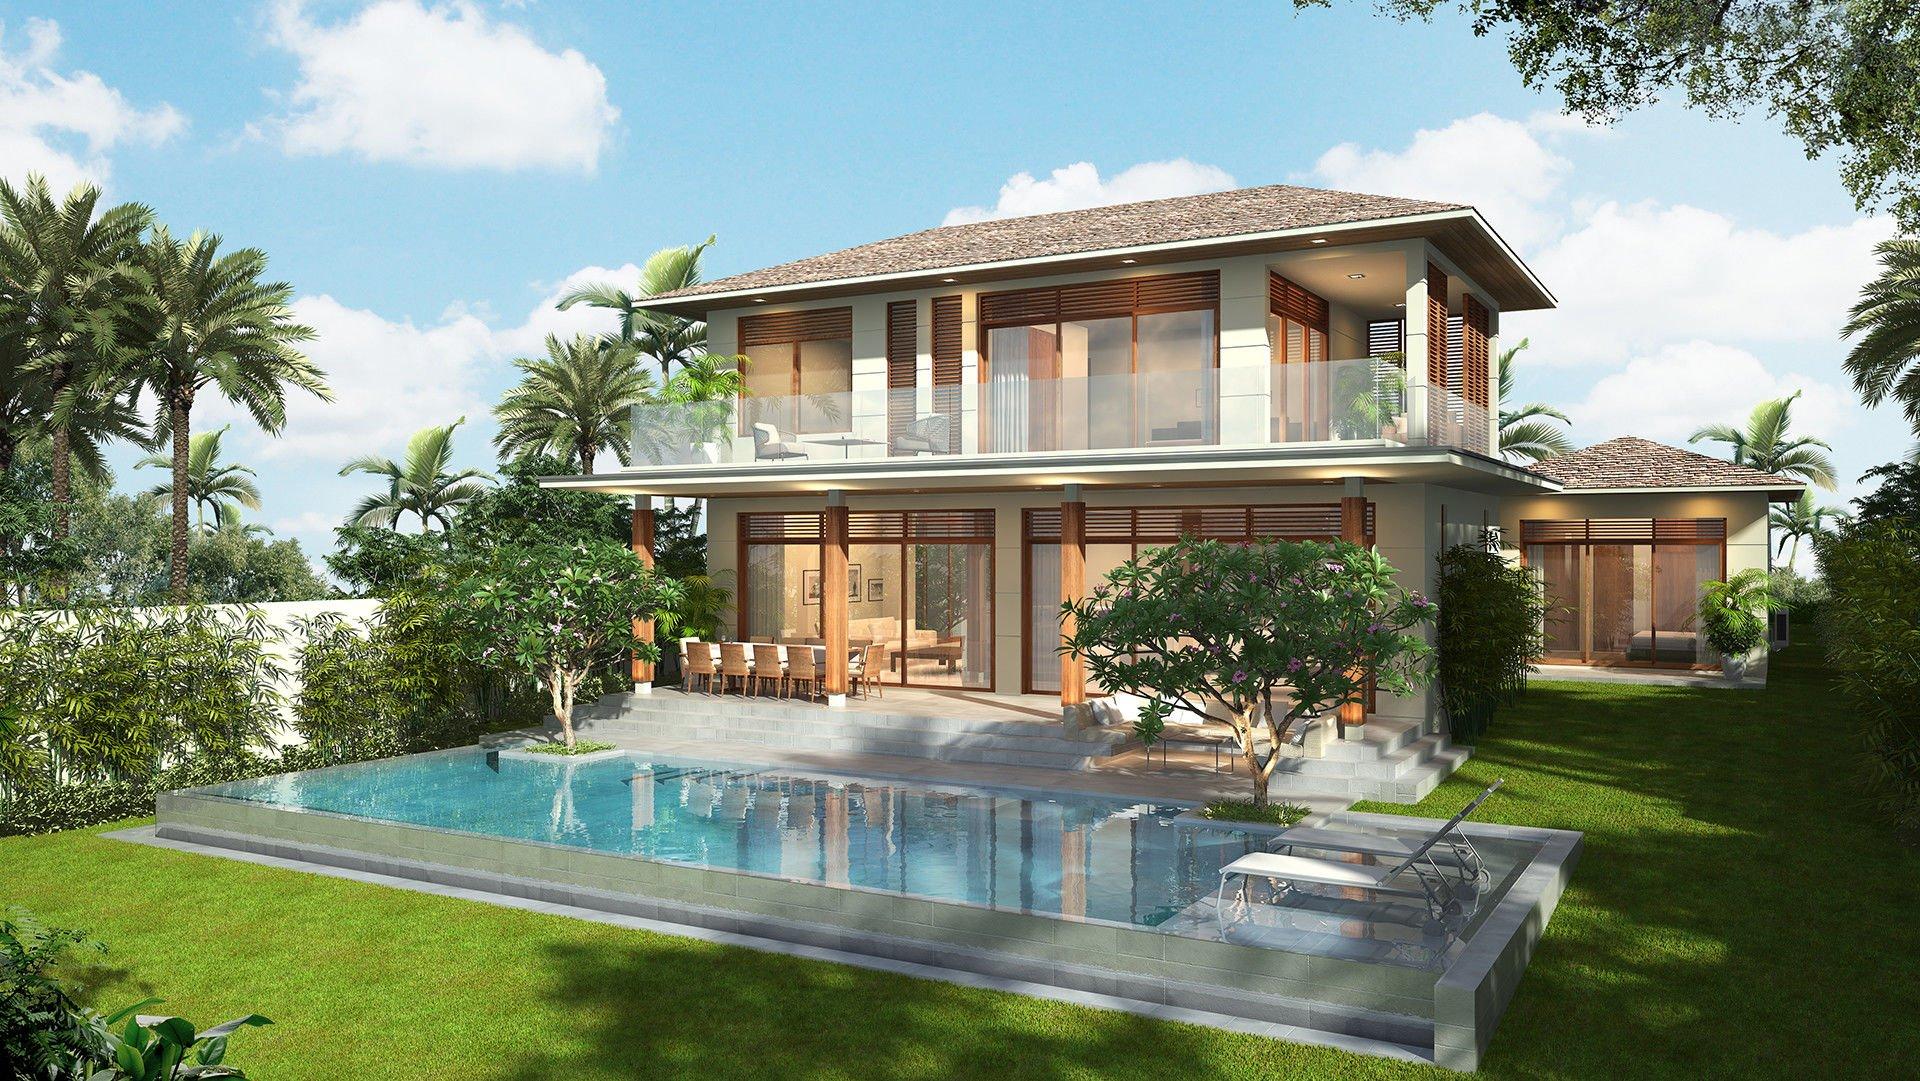 mẫu thiết kế biệt thự nhà vườn đẹp 6